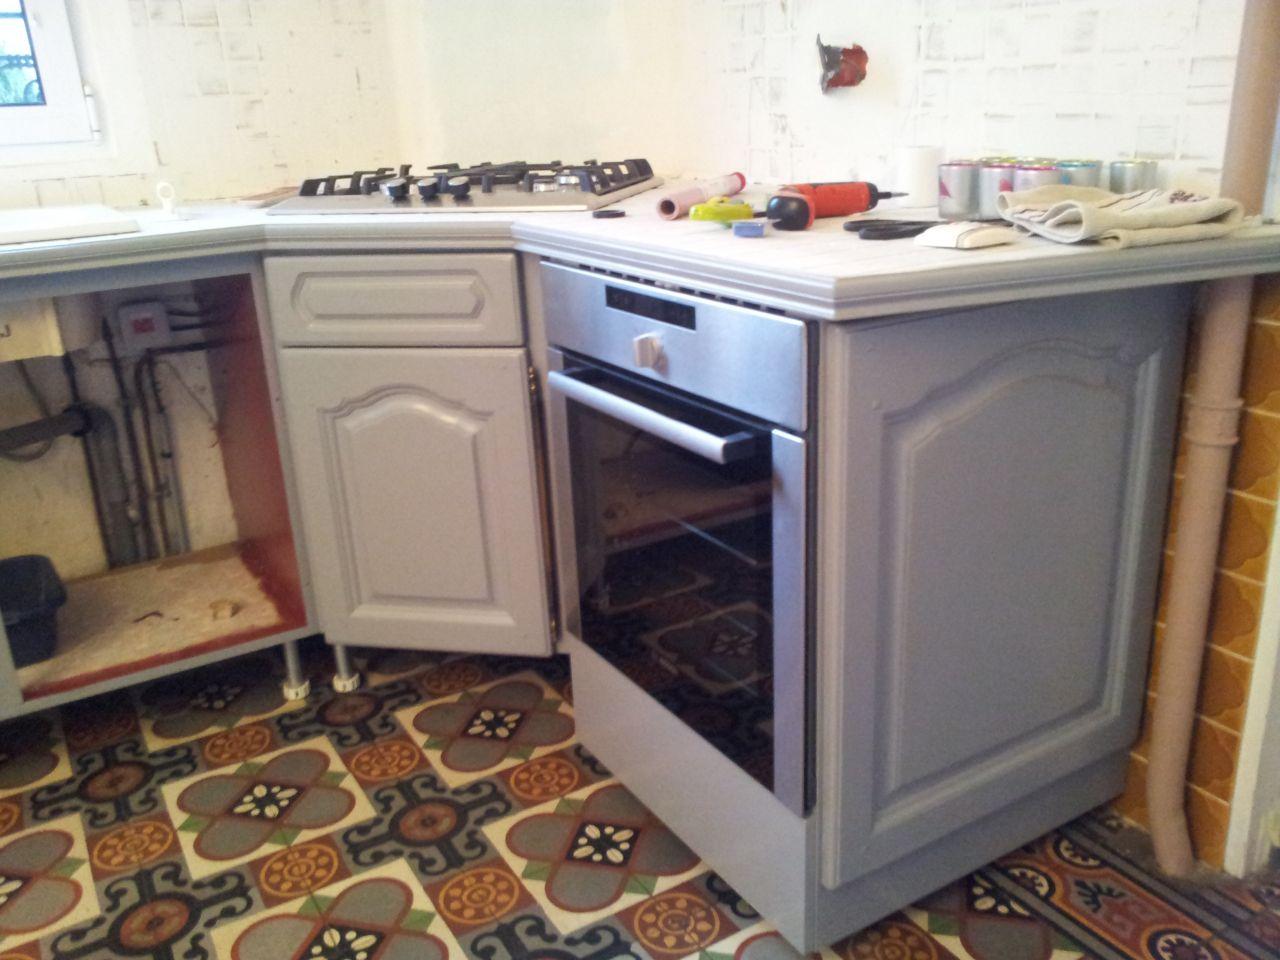 les travaux du week dernier dans la cuisine yvelines. Black Bedroom Furniture Sets. Home Design Ideas